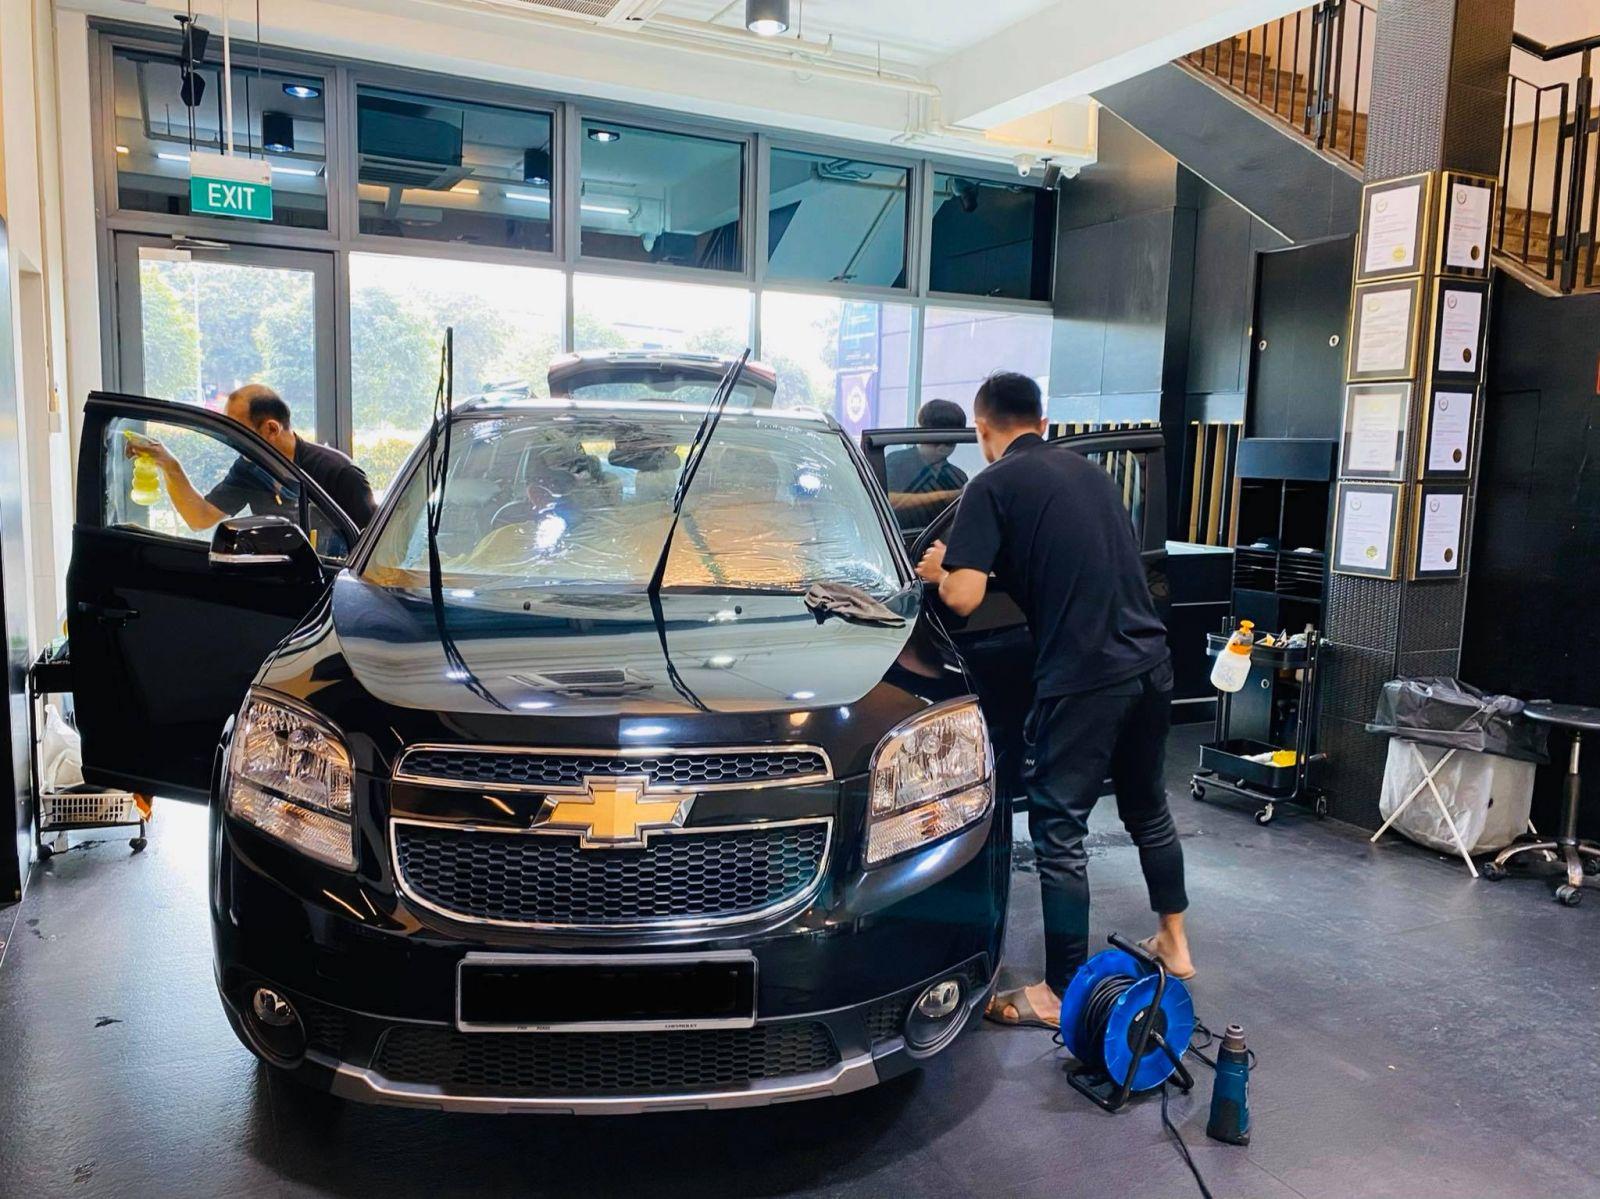 Infratint Solar Film Chevrolet Cars Package